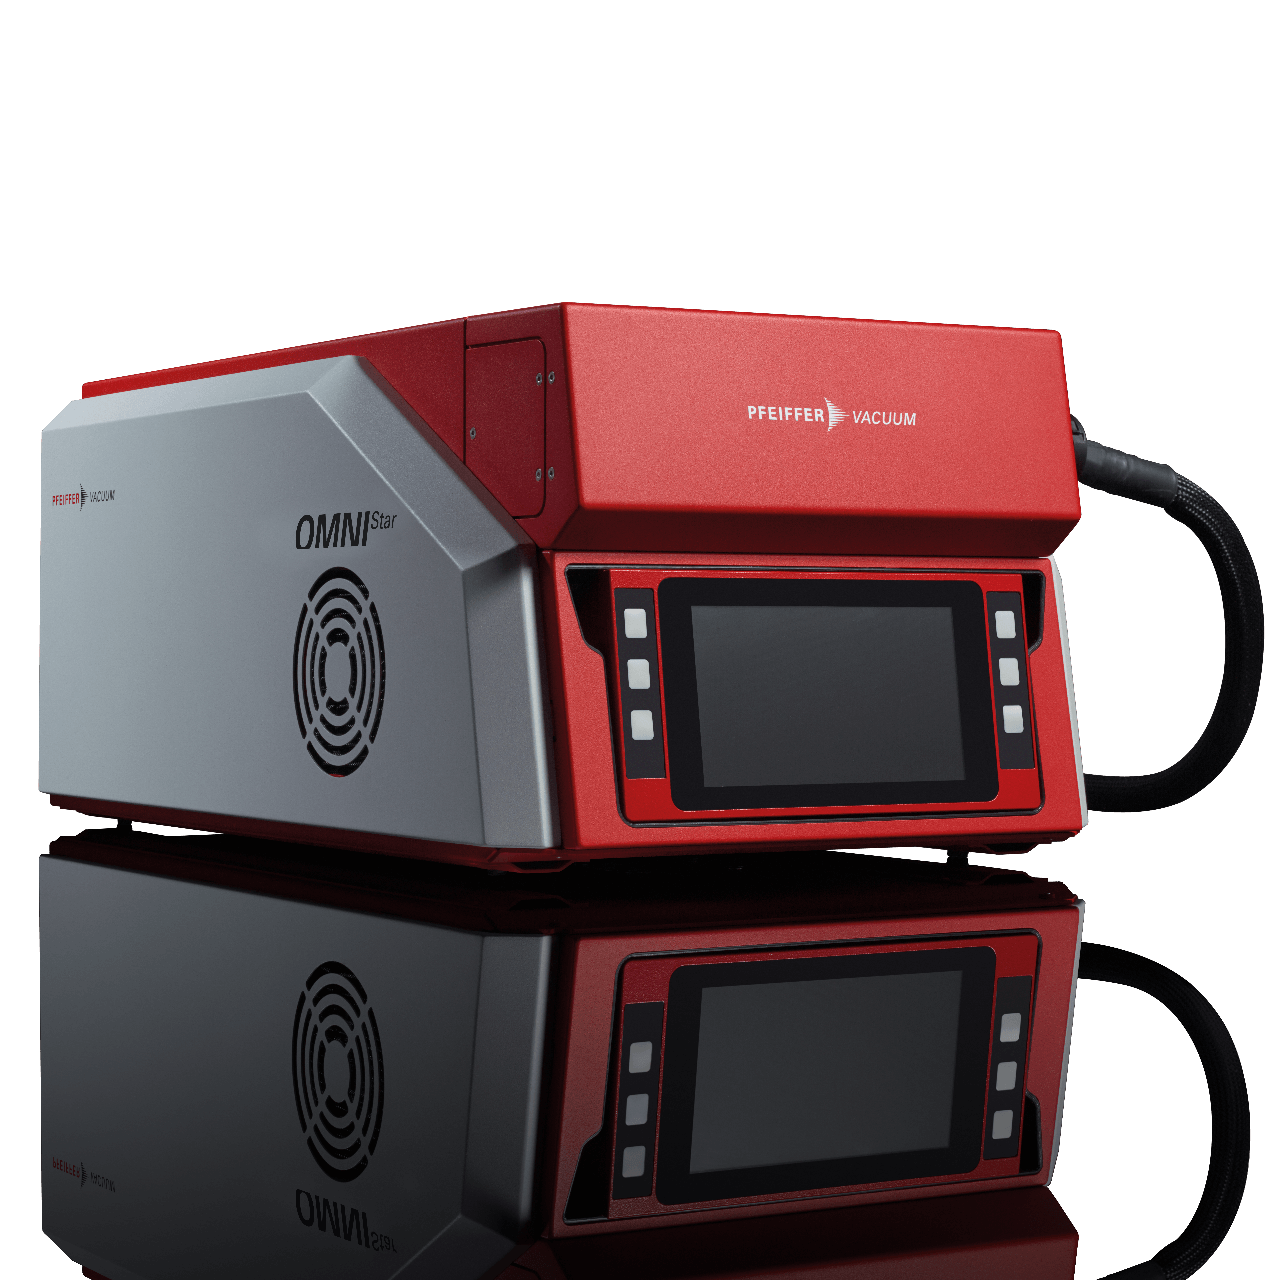 在压力范围高达 1,000 hPa 下的气体分析 - OmniStar/Thermostar 系列